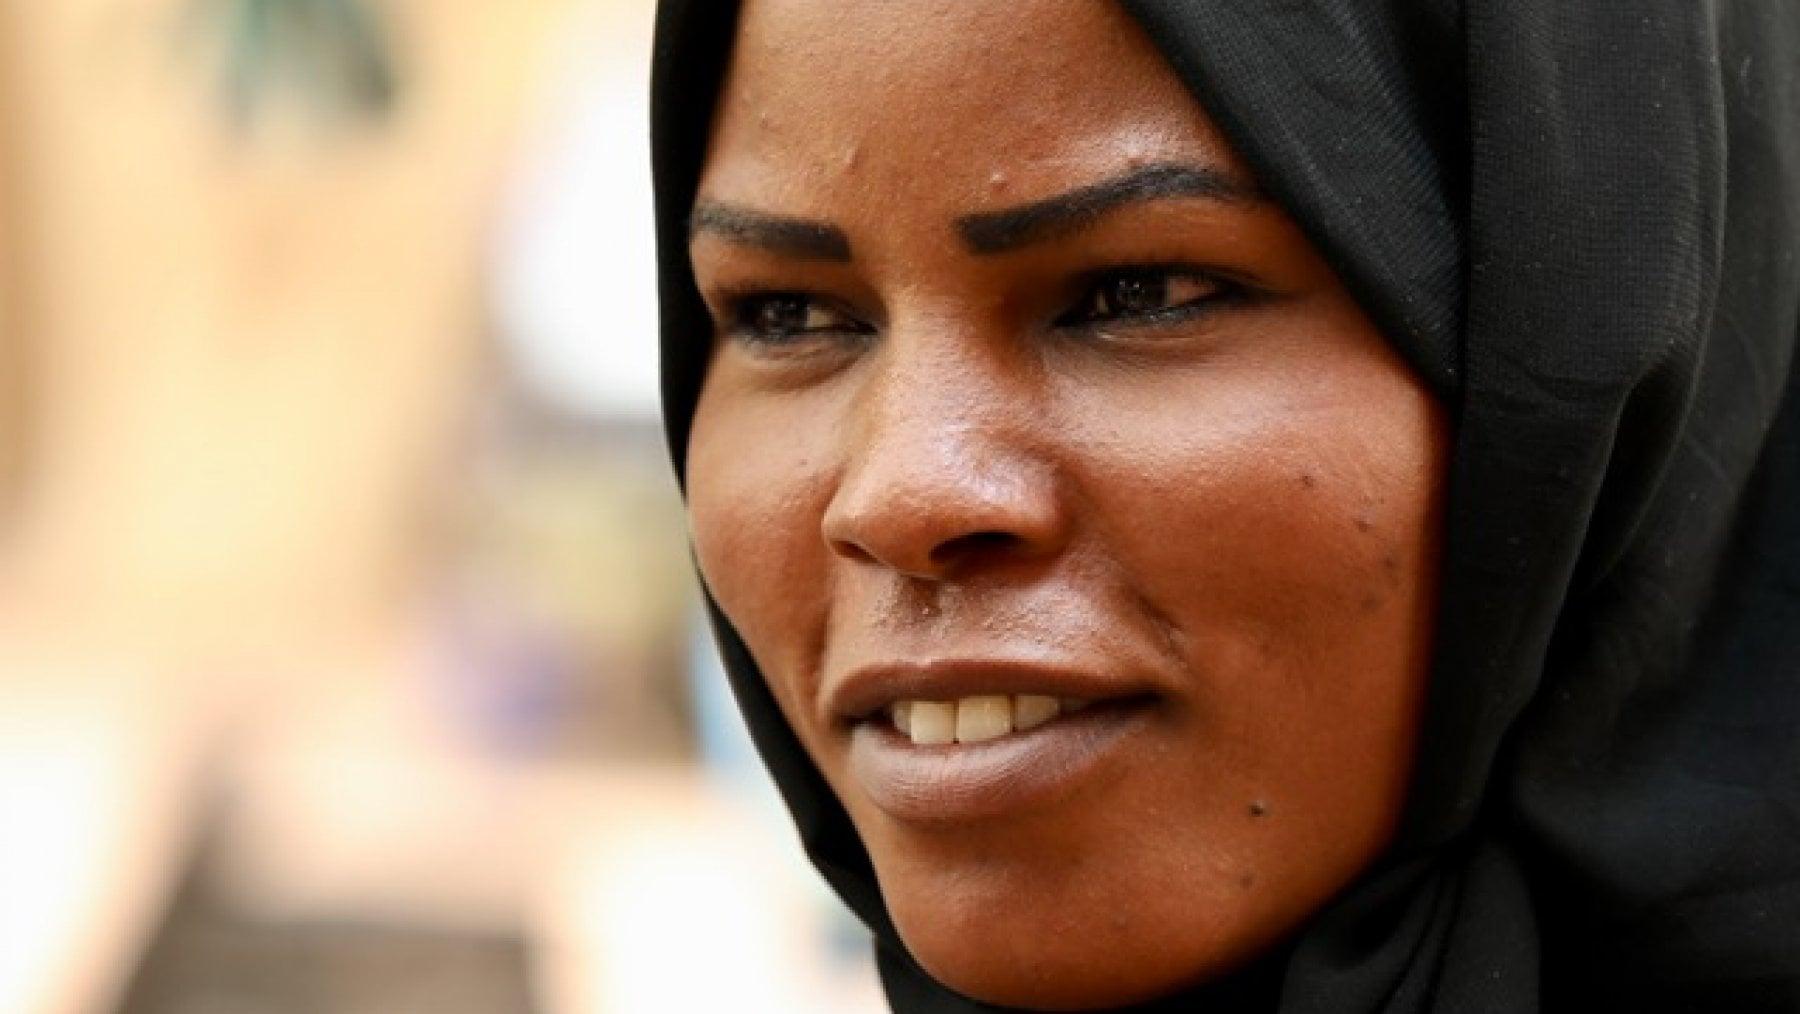 091212080 14e0268b 12d3 48e1 81cc 9269014b5854 - Niger al voto tra crisi dei migranti e lotta al terrorismo: primo passaggio di poteri democratico dall'indipendenza